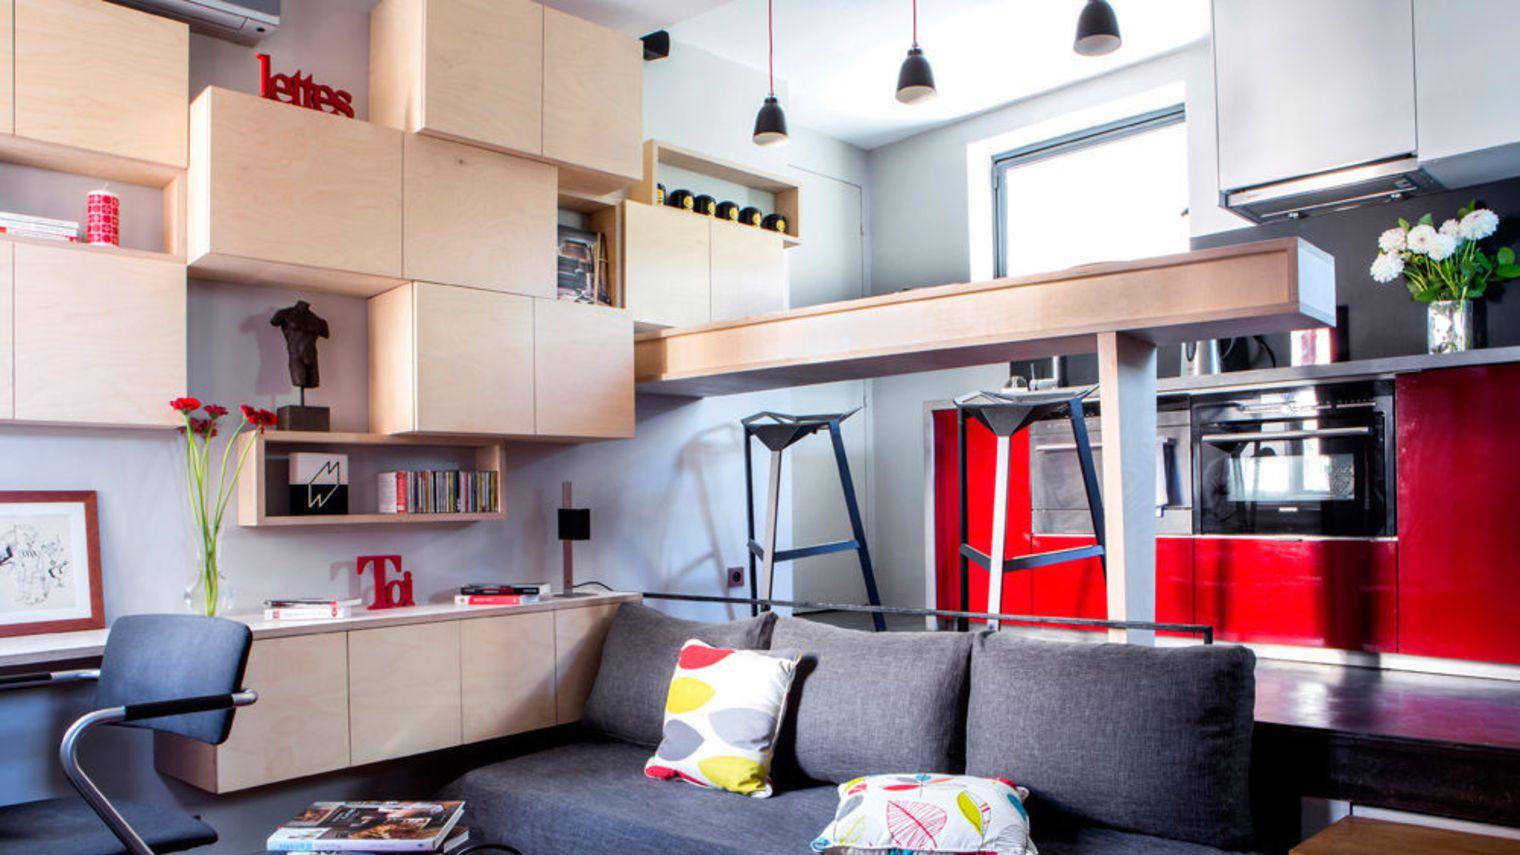 location appartement clermont ferrand j ai trouv gr ce. Black Bedroom Furniture Sets. Home Design Ideas